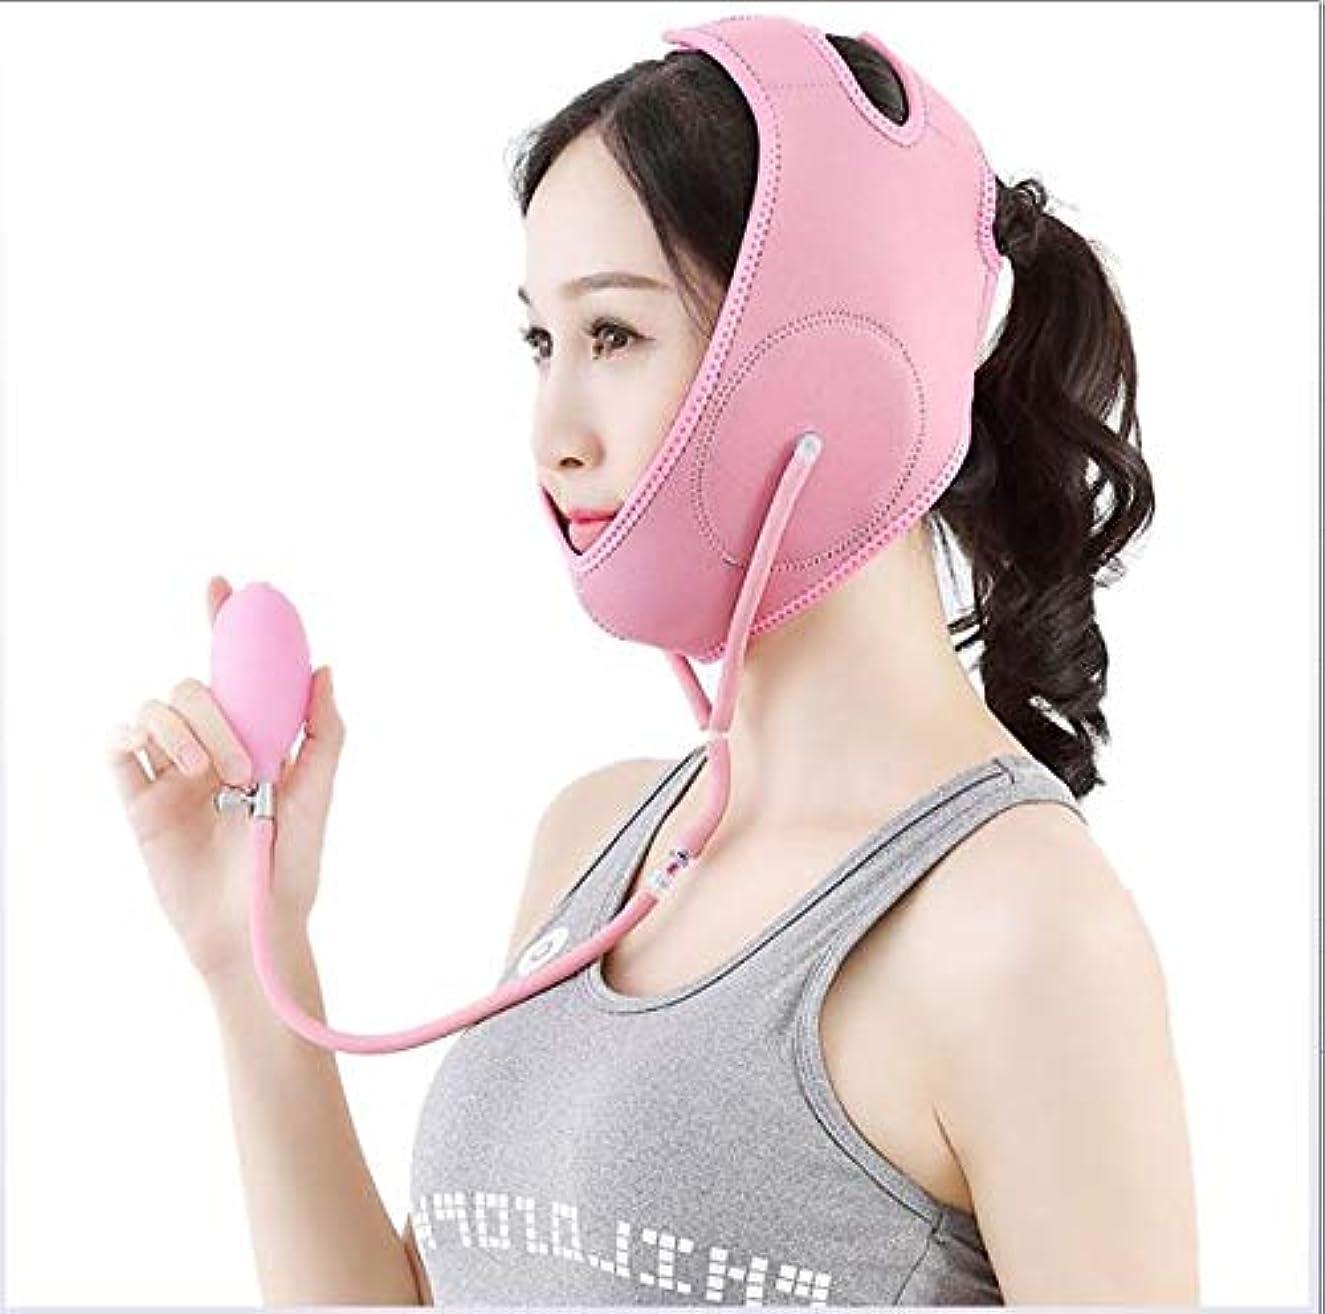 エキス半径快適フェイスリフティングインフレータブルマスク、Vフェイスアーティファクト/睡眠マスク/リフティング、引き締め、プラスチック、骨盤、リップリフティング、リフティング、丸め、引き締め、改善、垂れ面彫刻,Pink,L